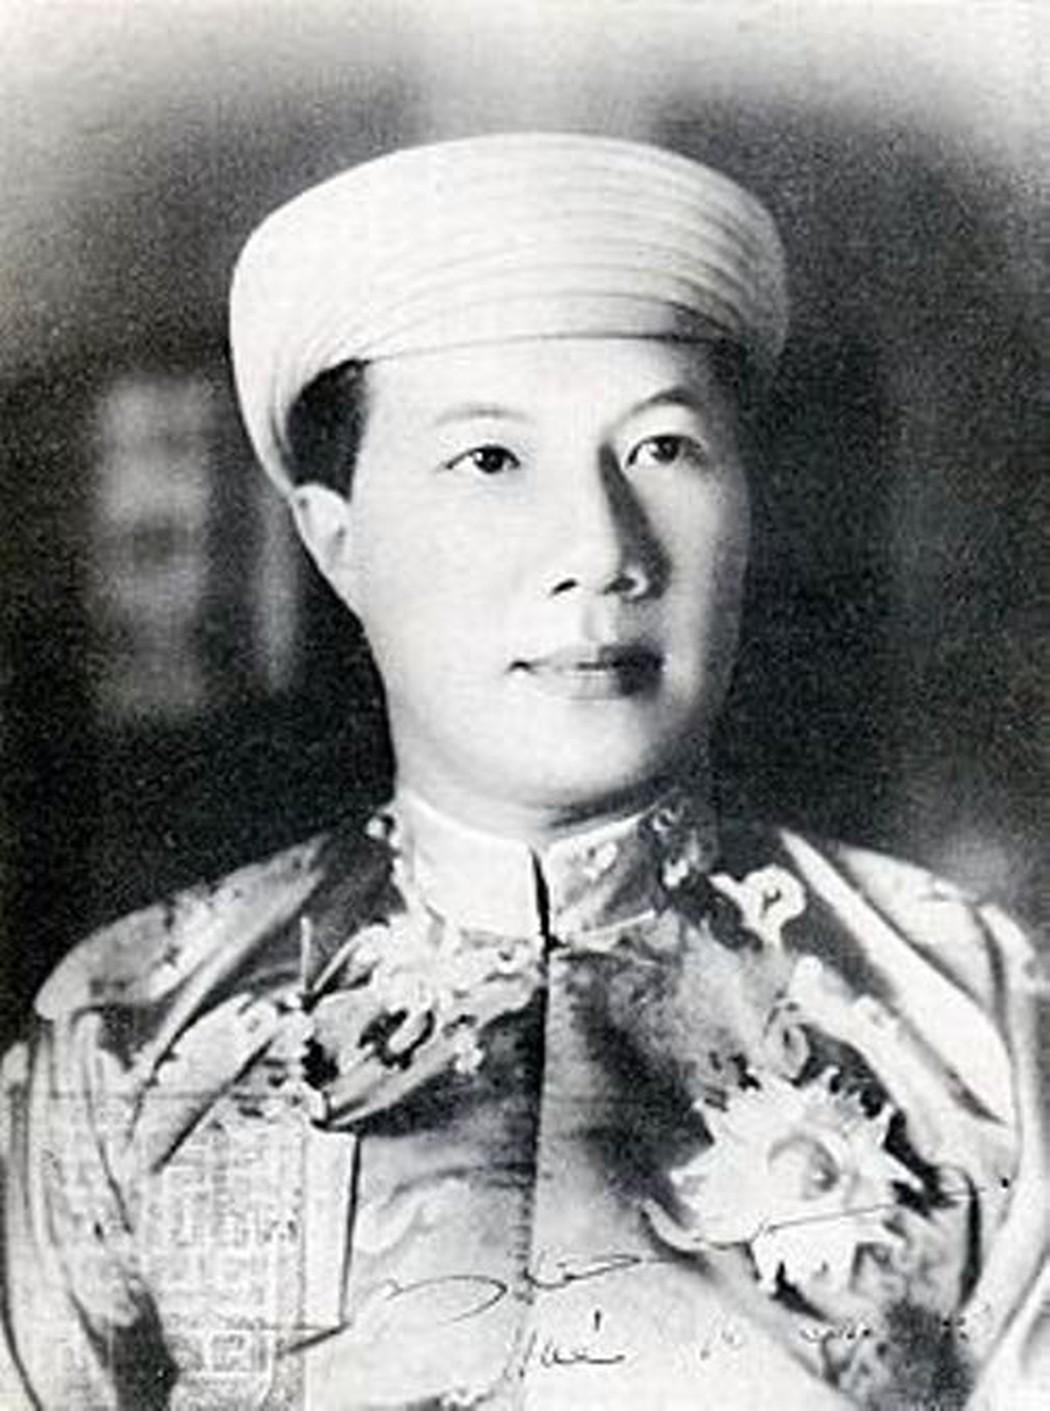 Sơ lược về tiểu sử của Vua Bảo Đại (Nguyễn Phúc Vĩnh Thụy)